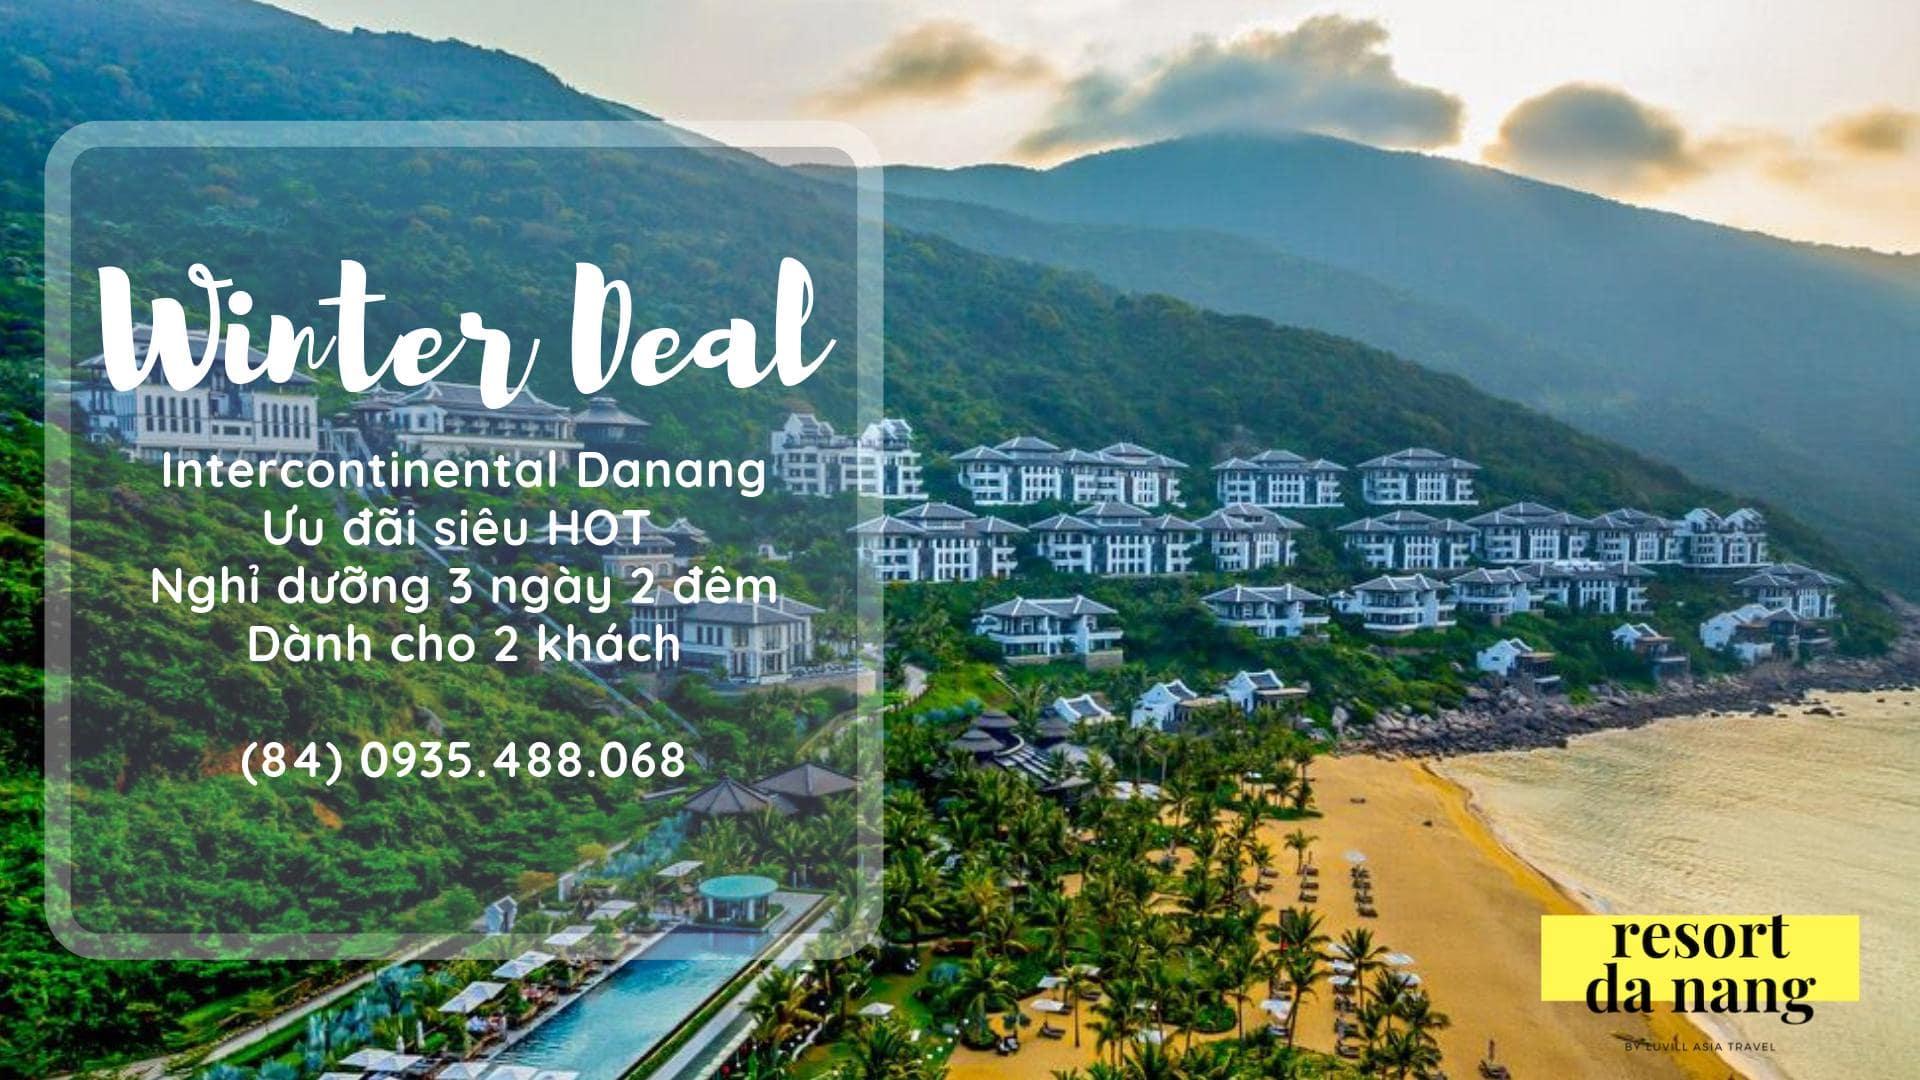 Intercontinental Đà Nẵng là một trong những resort đẳng cấp bậc nhất tại Đà Nẵng